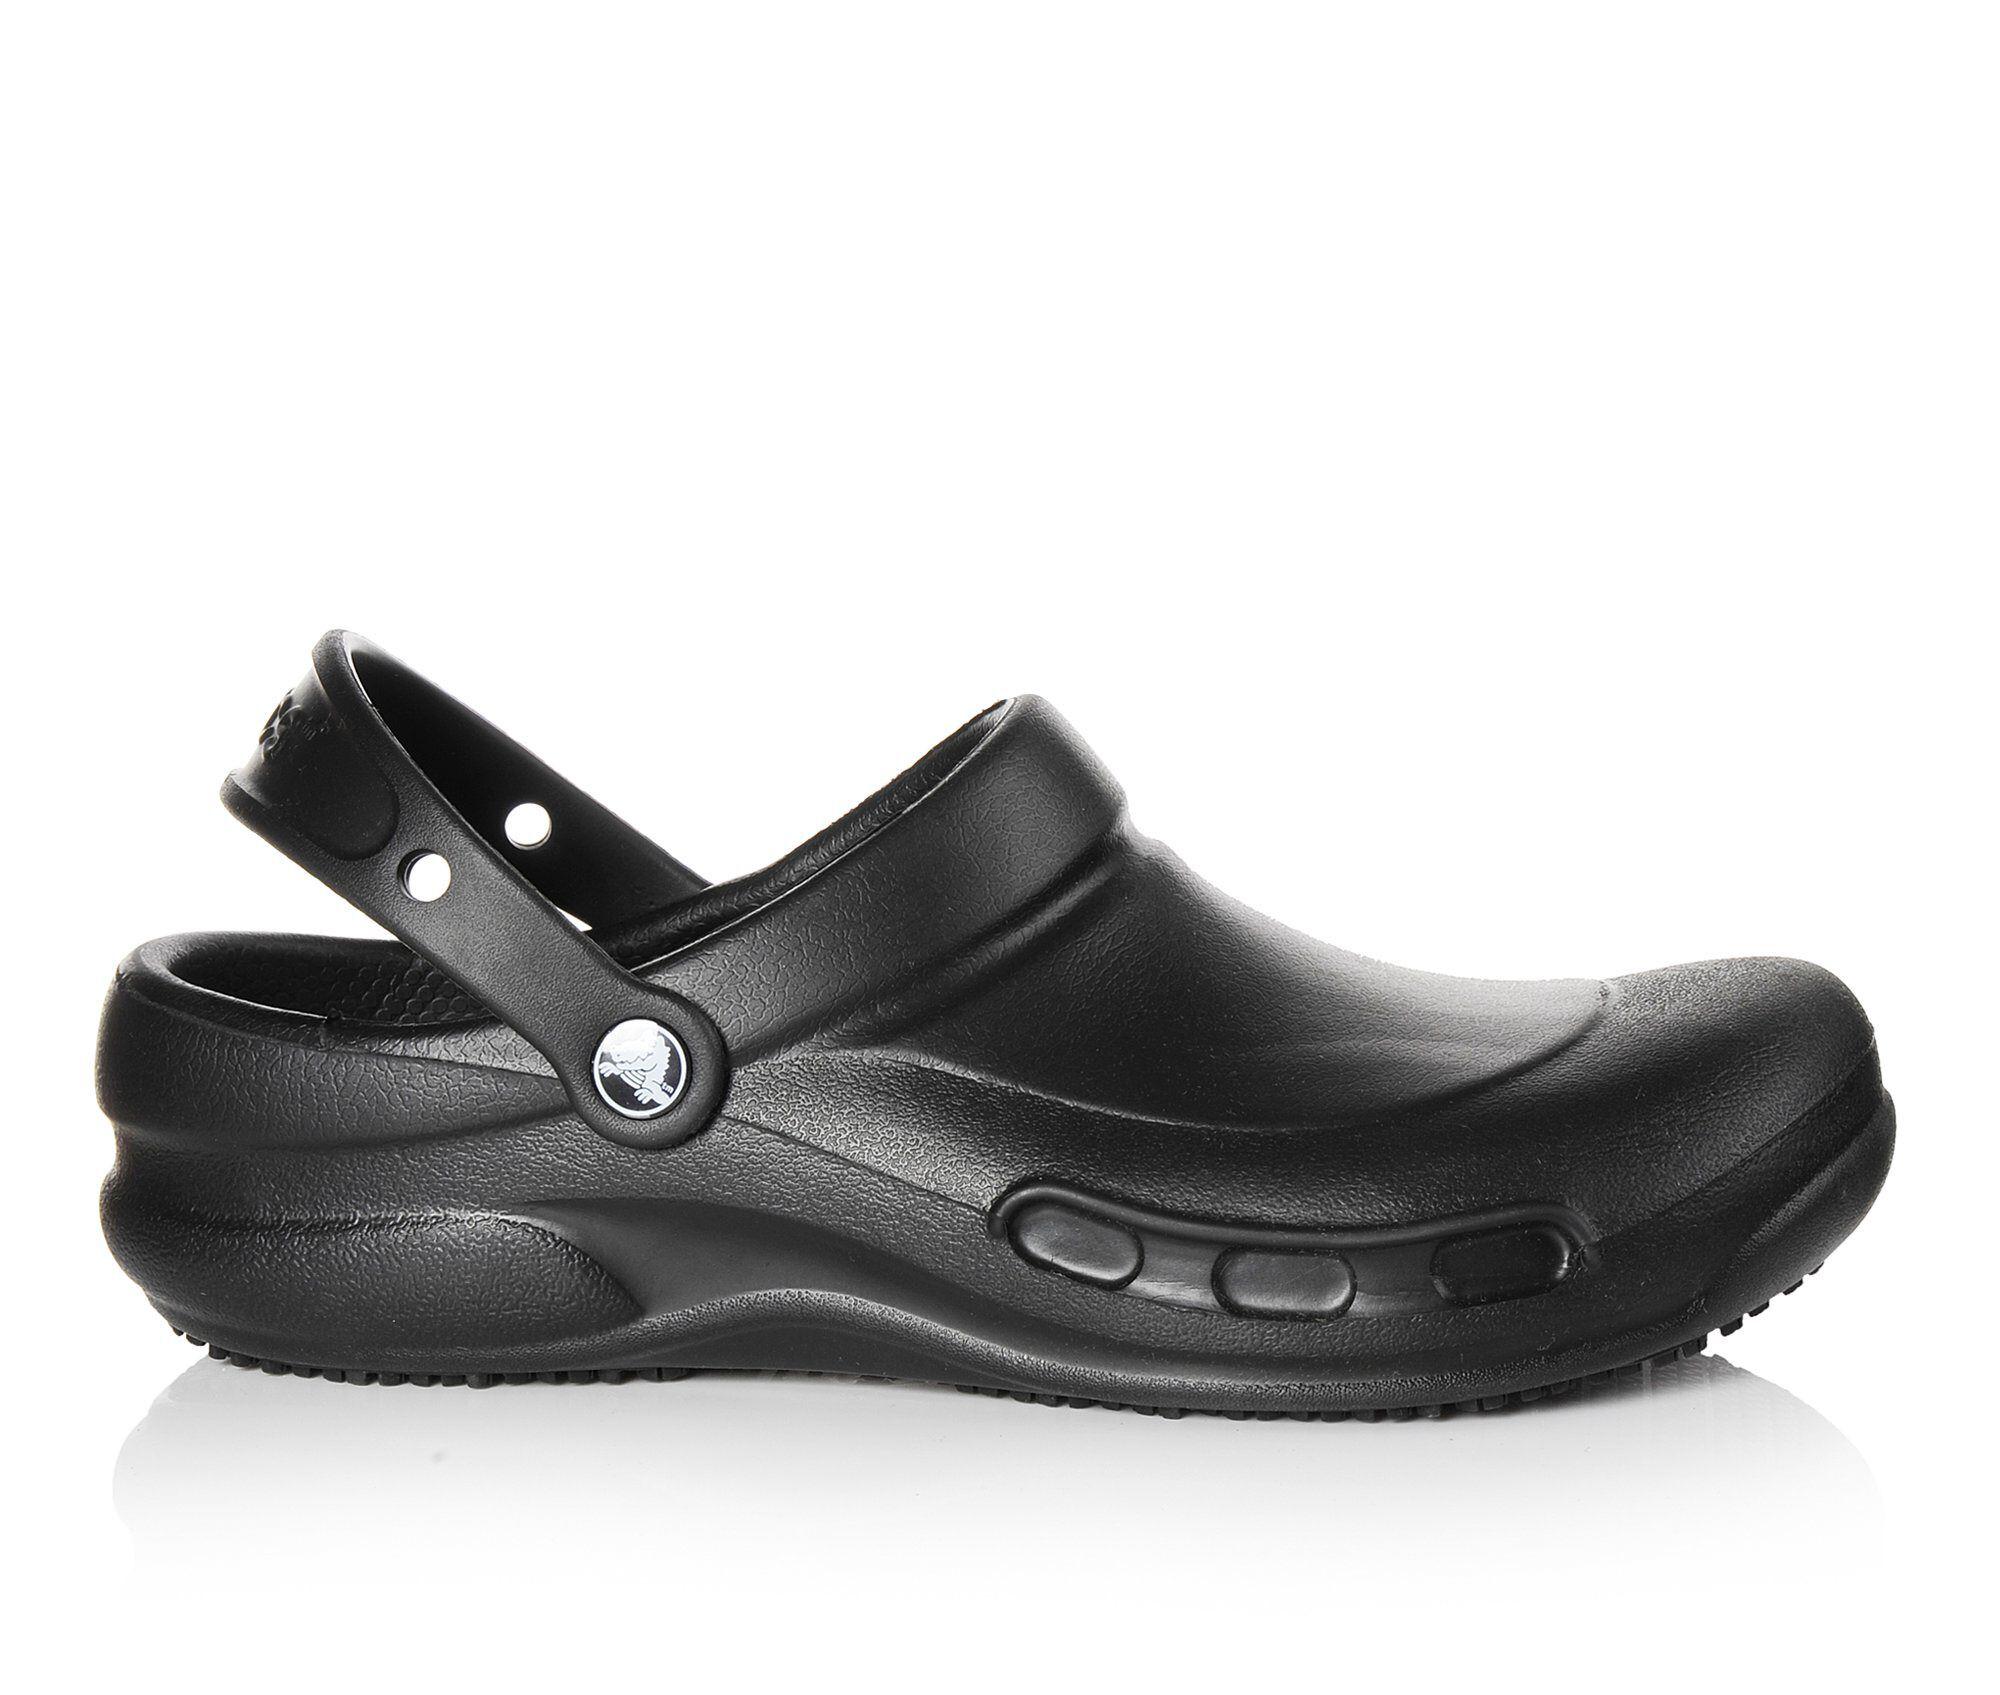 Men's Crocs Work Bistro Slip Resistant Safety Shoes Black